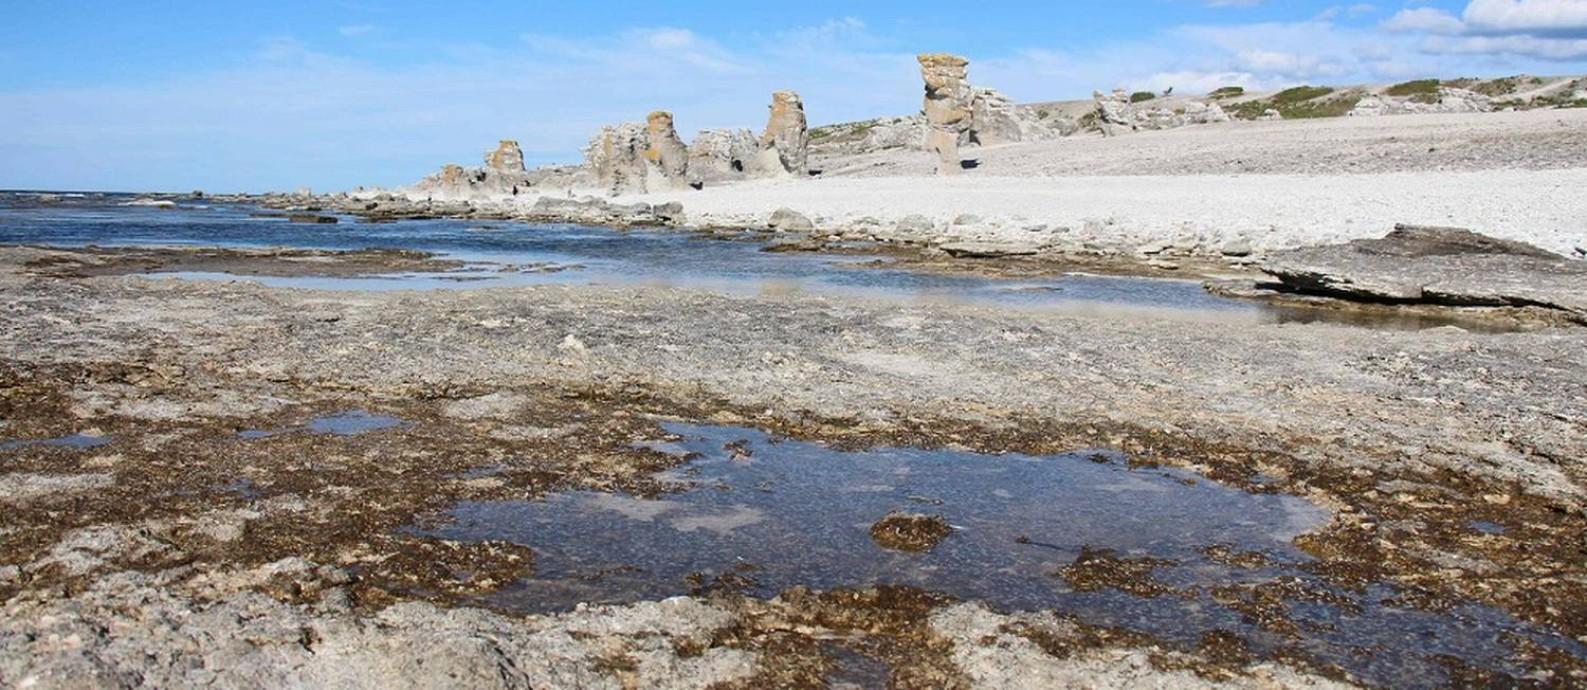 Os famosos monolitos da Ilha de Faro, onde o cineasta sueco Ingmar Bergman filmou muitos de seus clássicos e viveu em seus últimos anos Foto: GAEL BRANCHEREAU / AFP